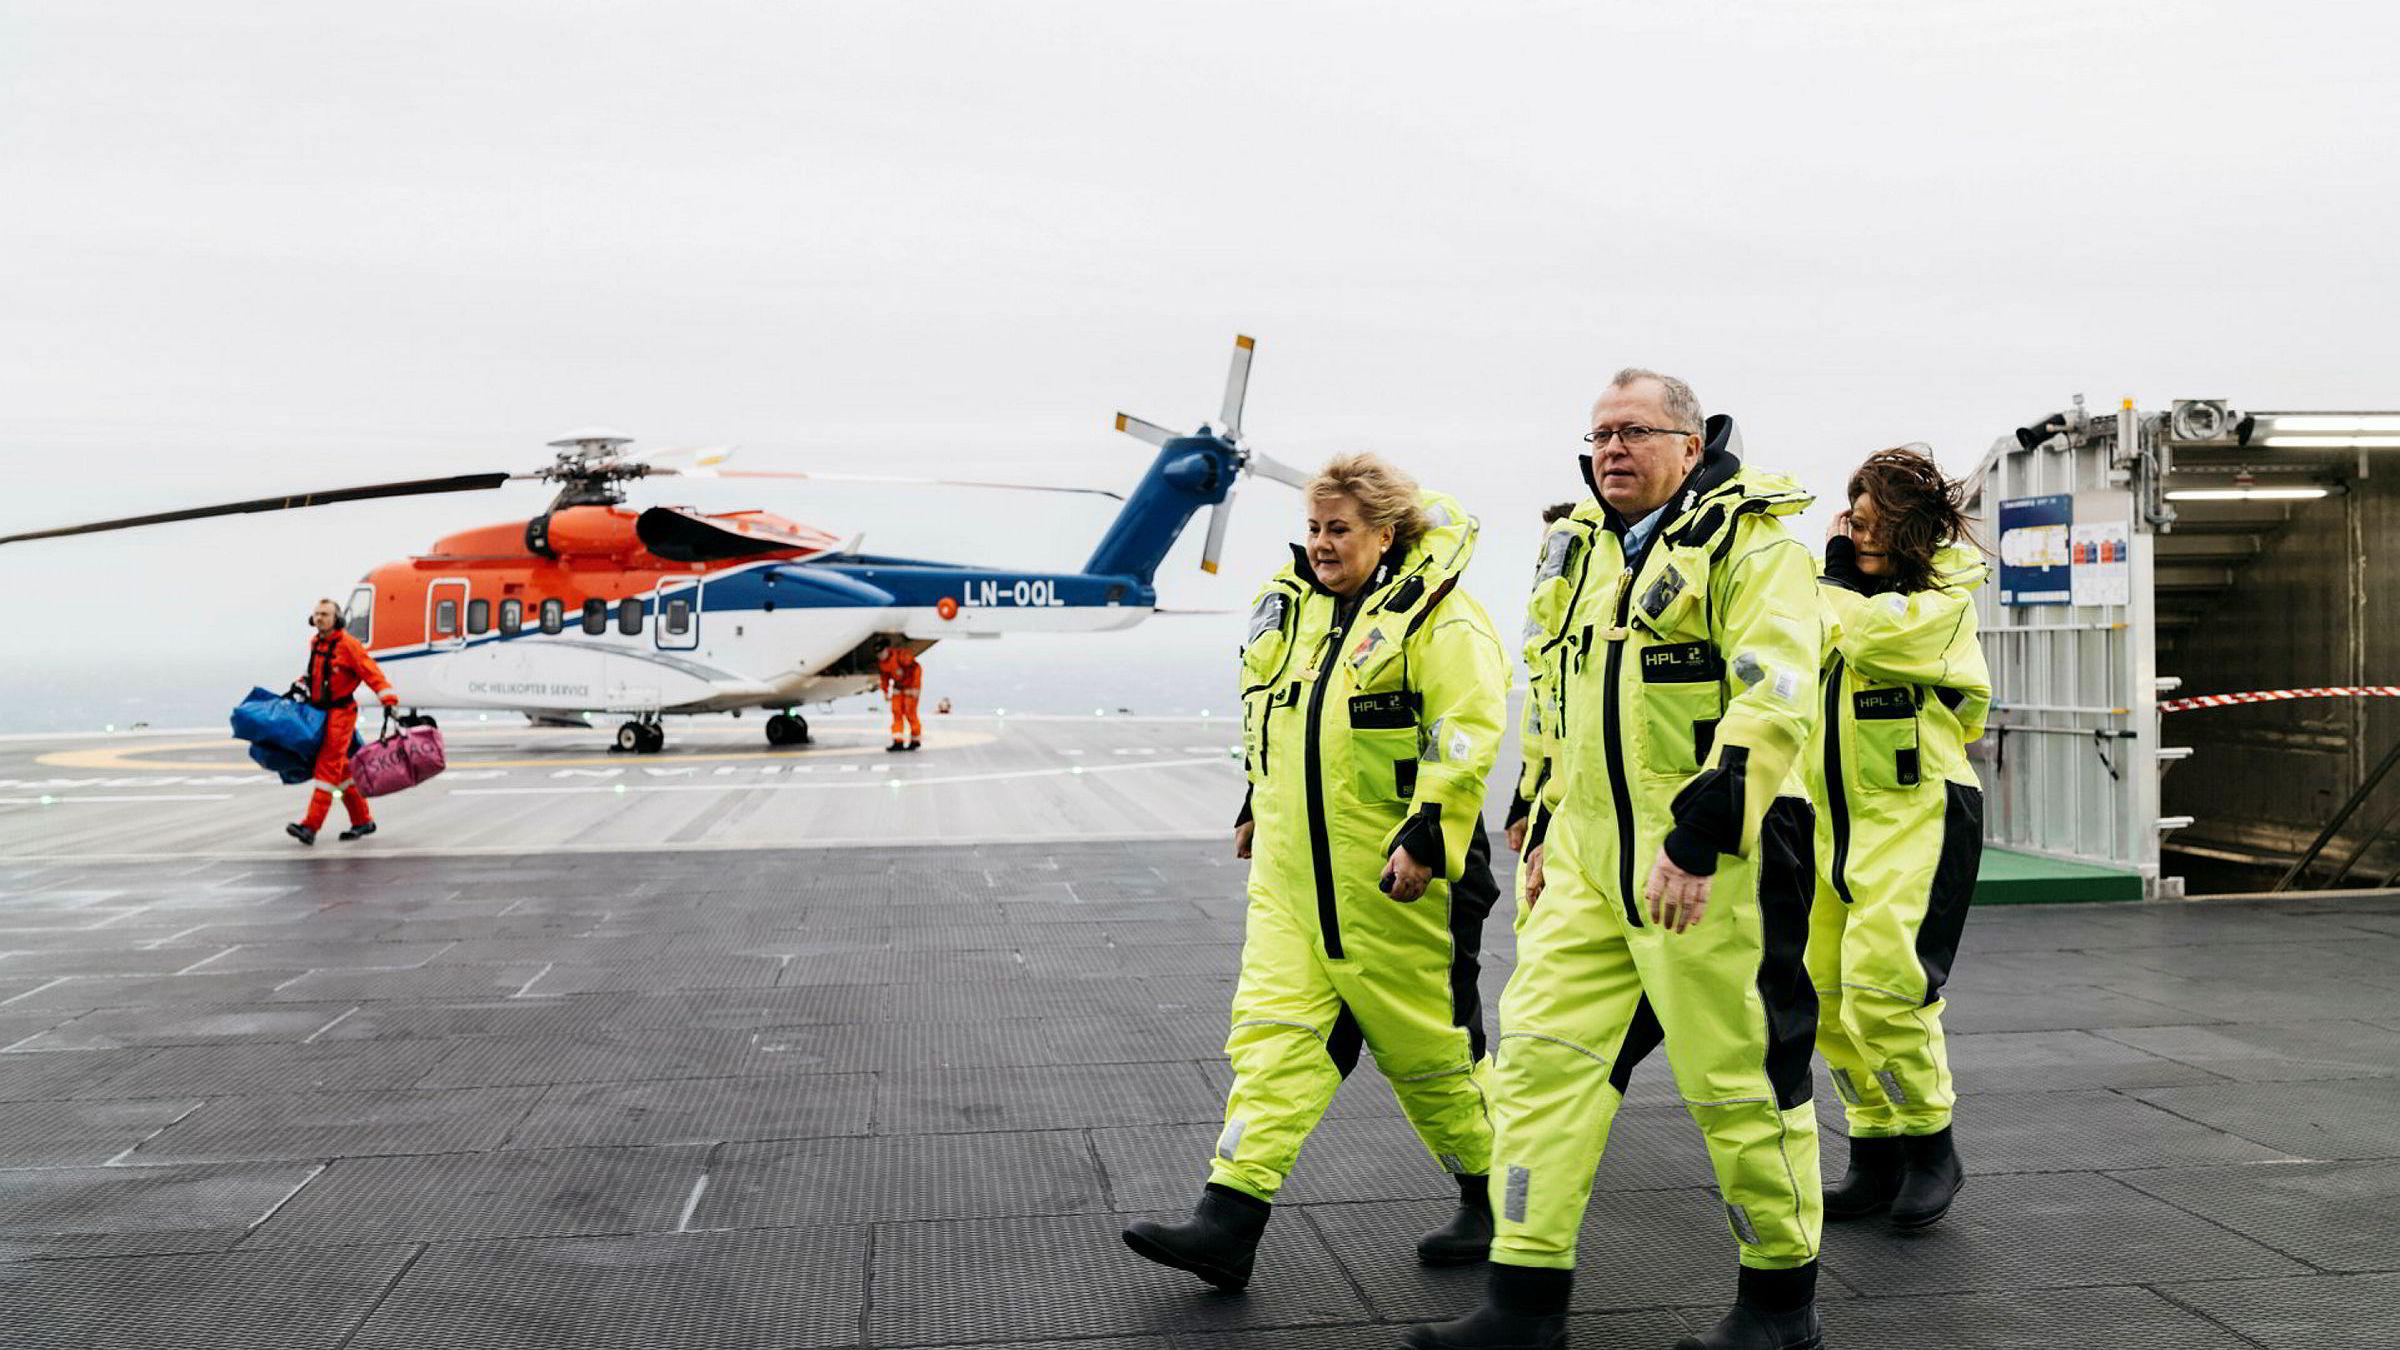 Statsminister Erna Solberg og Eqinor sjef Eldar Sætre kommer for å åpne Johan Sverdrup - feltet i Nordsjøen.